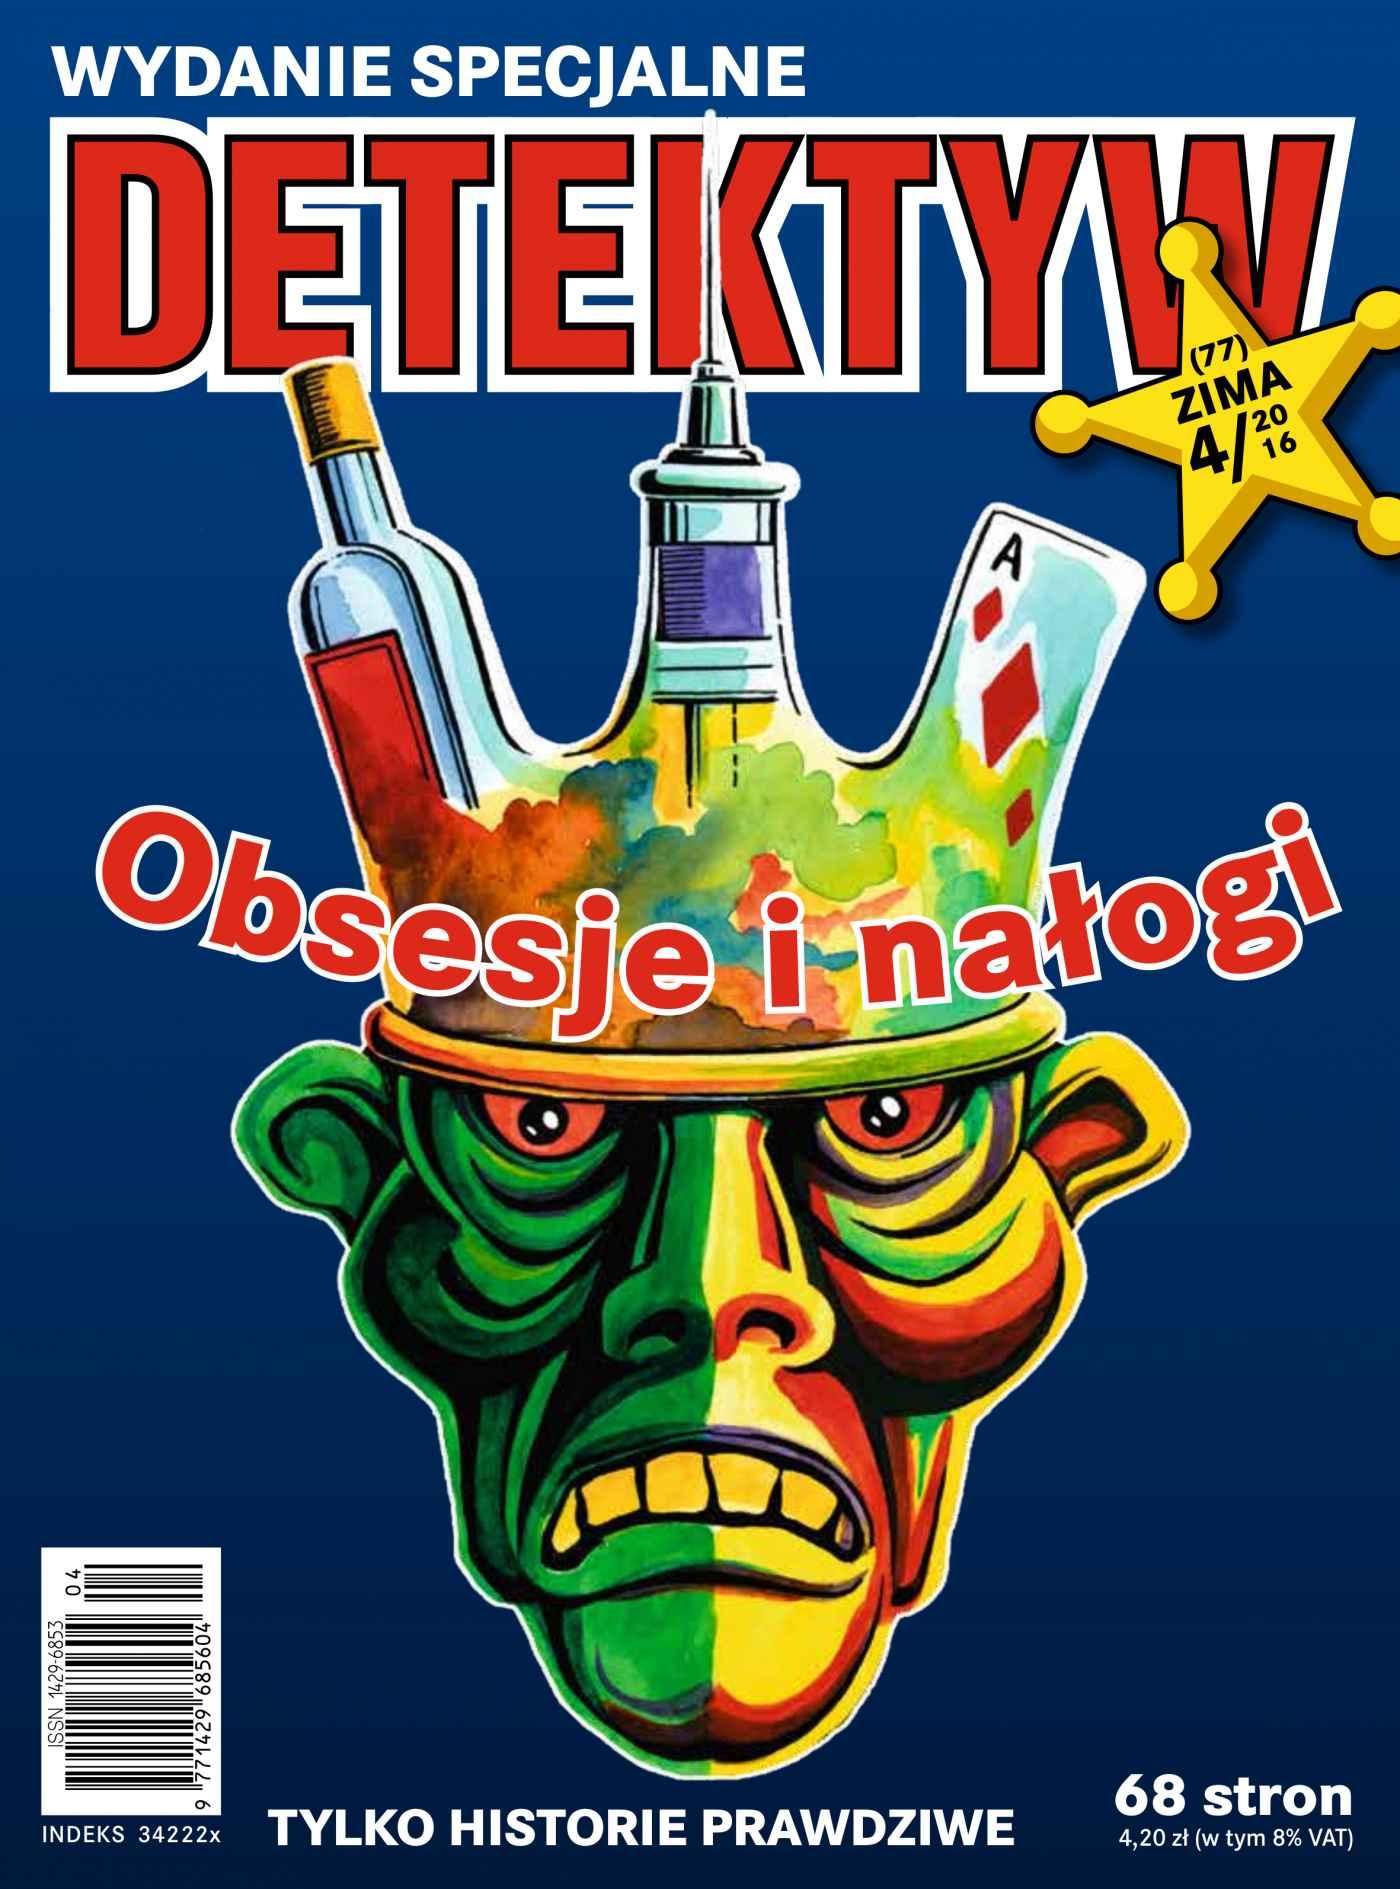 Detektyw - Wydanie Specjalne 4/2016 - Ebook (Książka EPUB) do pobrania w formacie EPUB